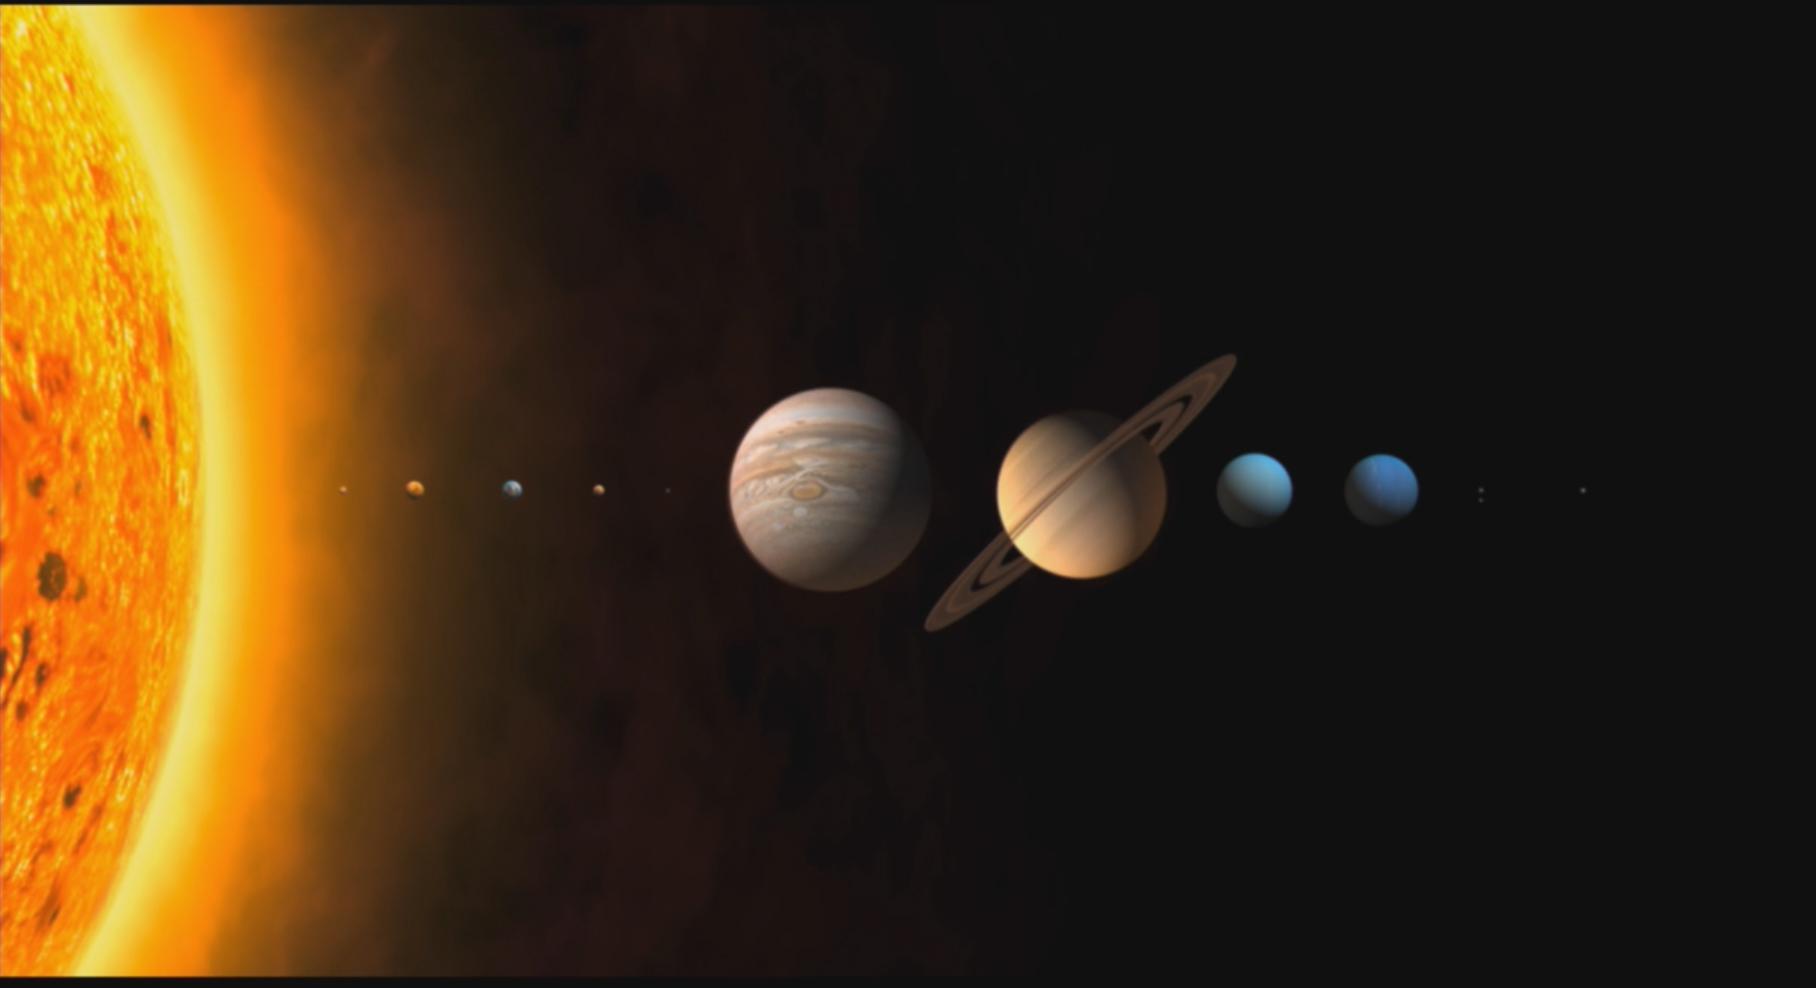 Les grandes enquêtes scientifiques : «Sommes-nous seuls dans l'univers?» au Coeur des sciences